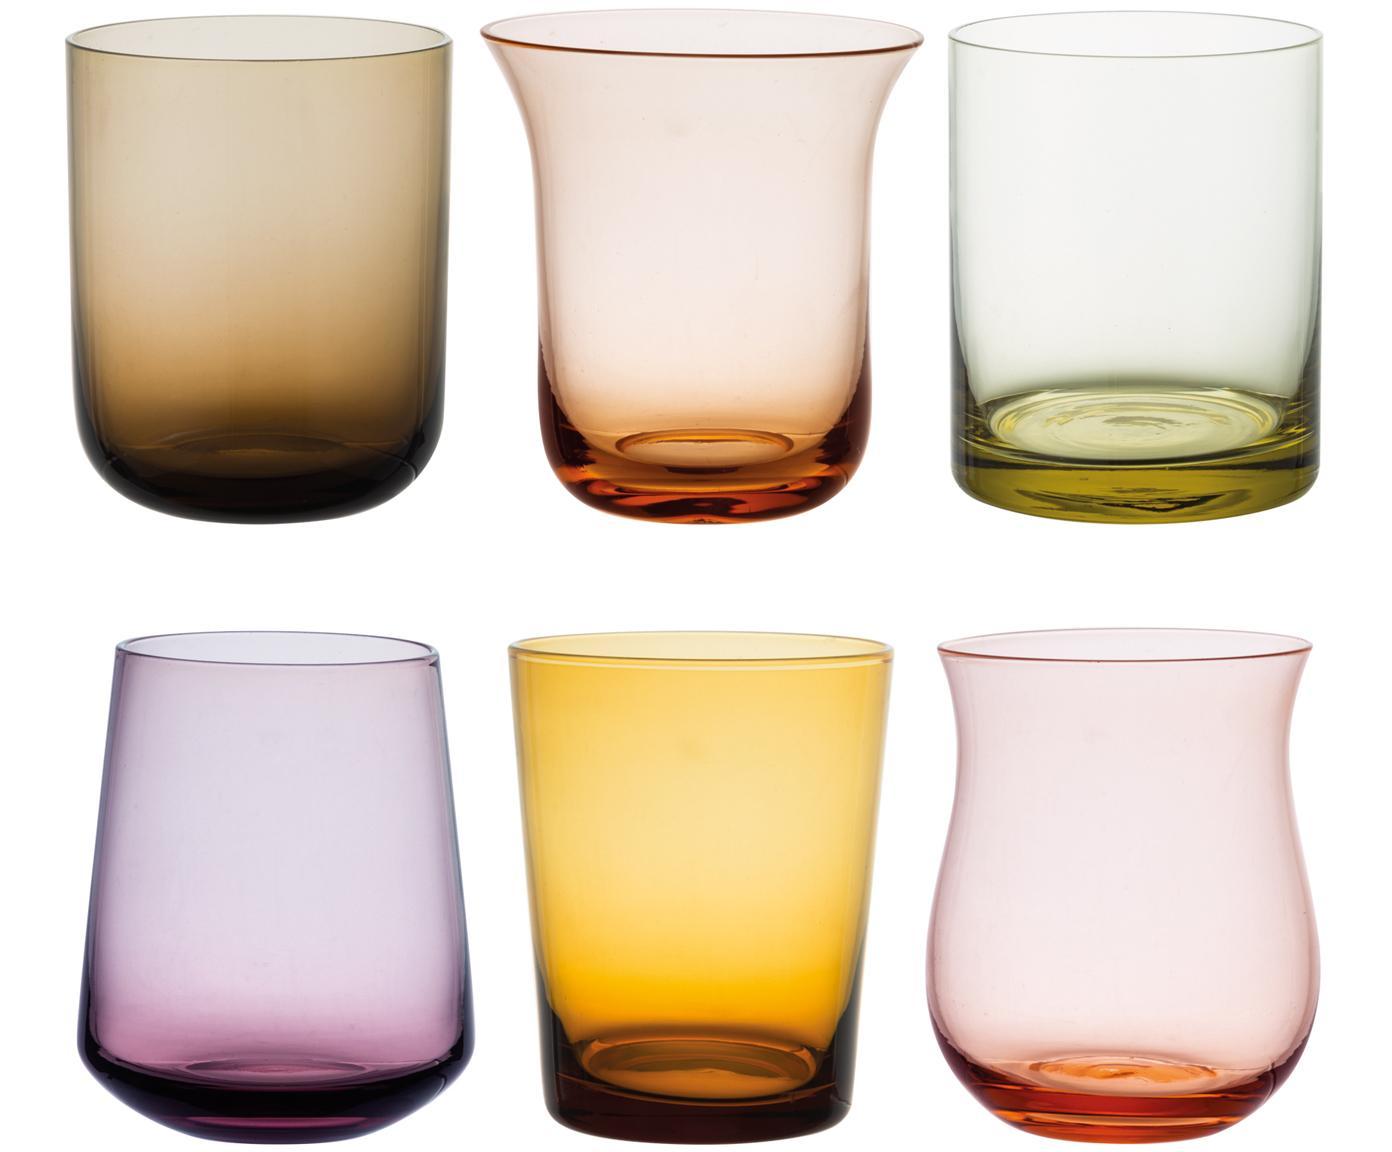 Vasos de vidrio soplado Desigual, 6uds., Vidrio soplado, Multicolor, Ø 8 x Al 10 cm